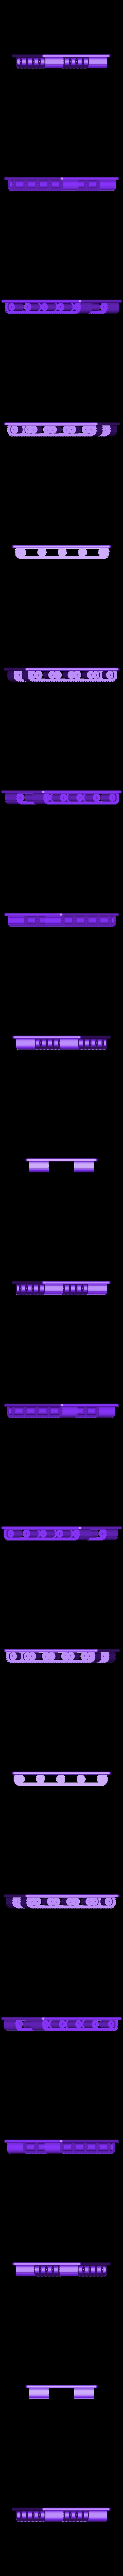 Crushy_Wheels.stl Télécharger fichier STL gratuit Crushinator from Futurama! • Objet pour impression 3D, ChaosCoreTech